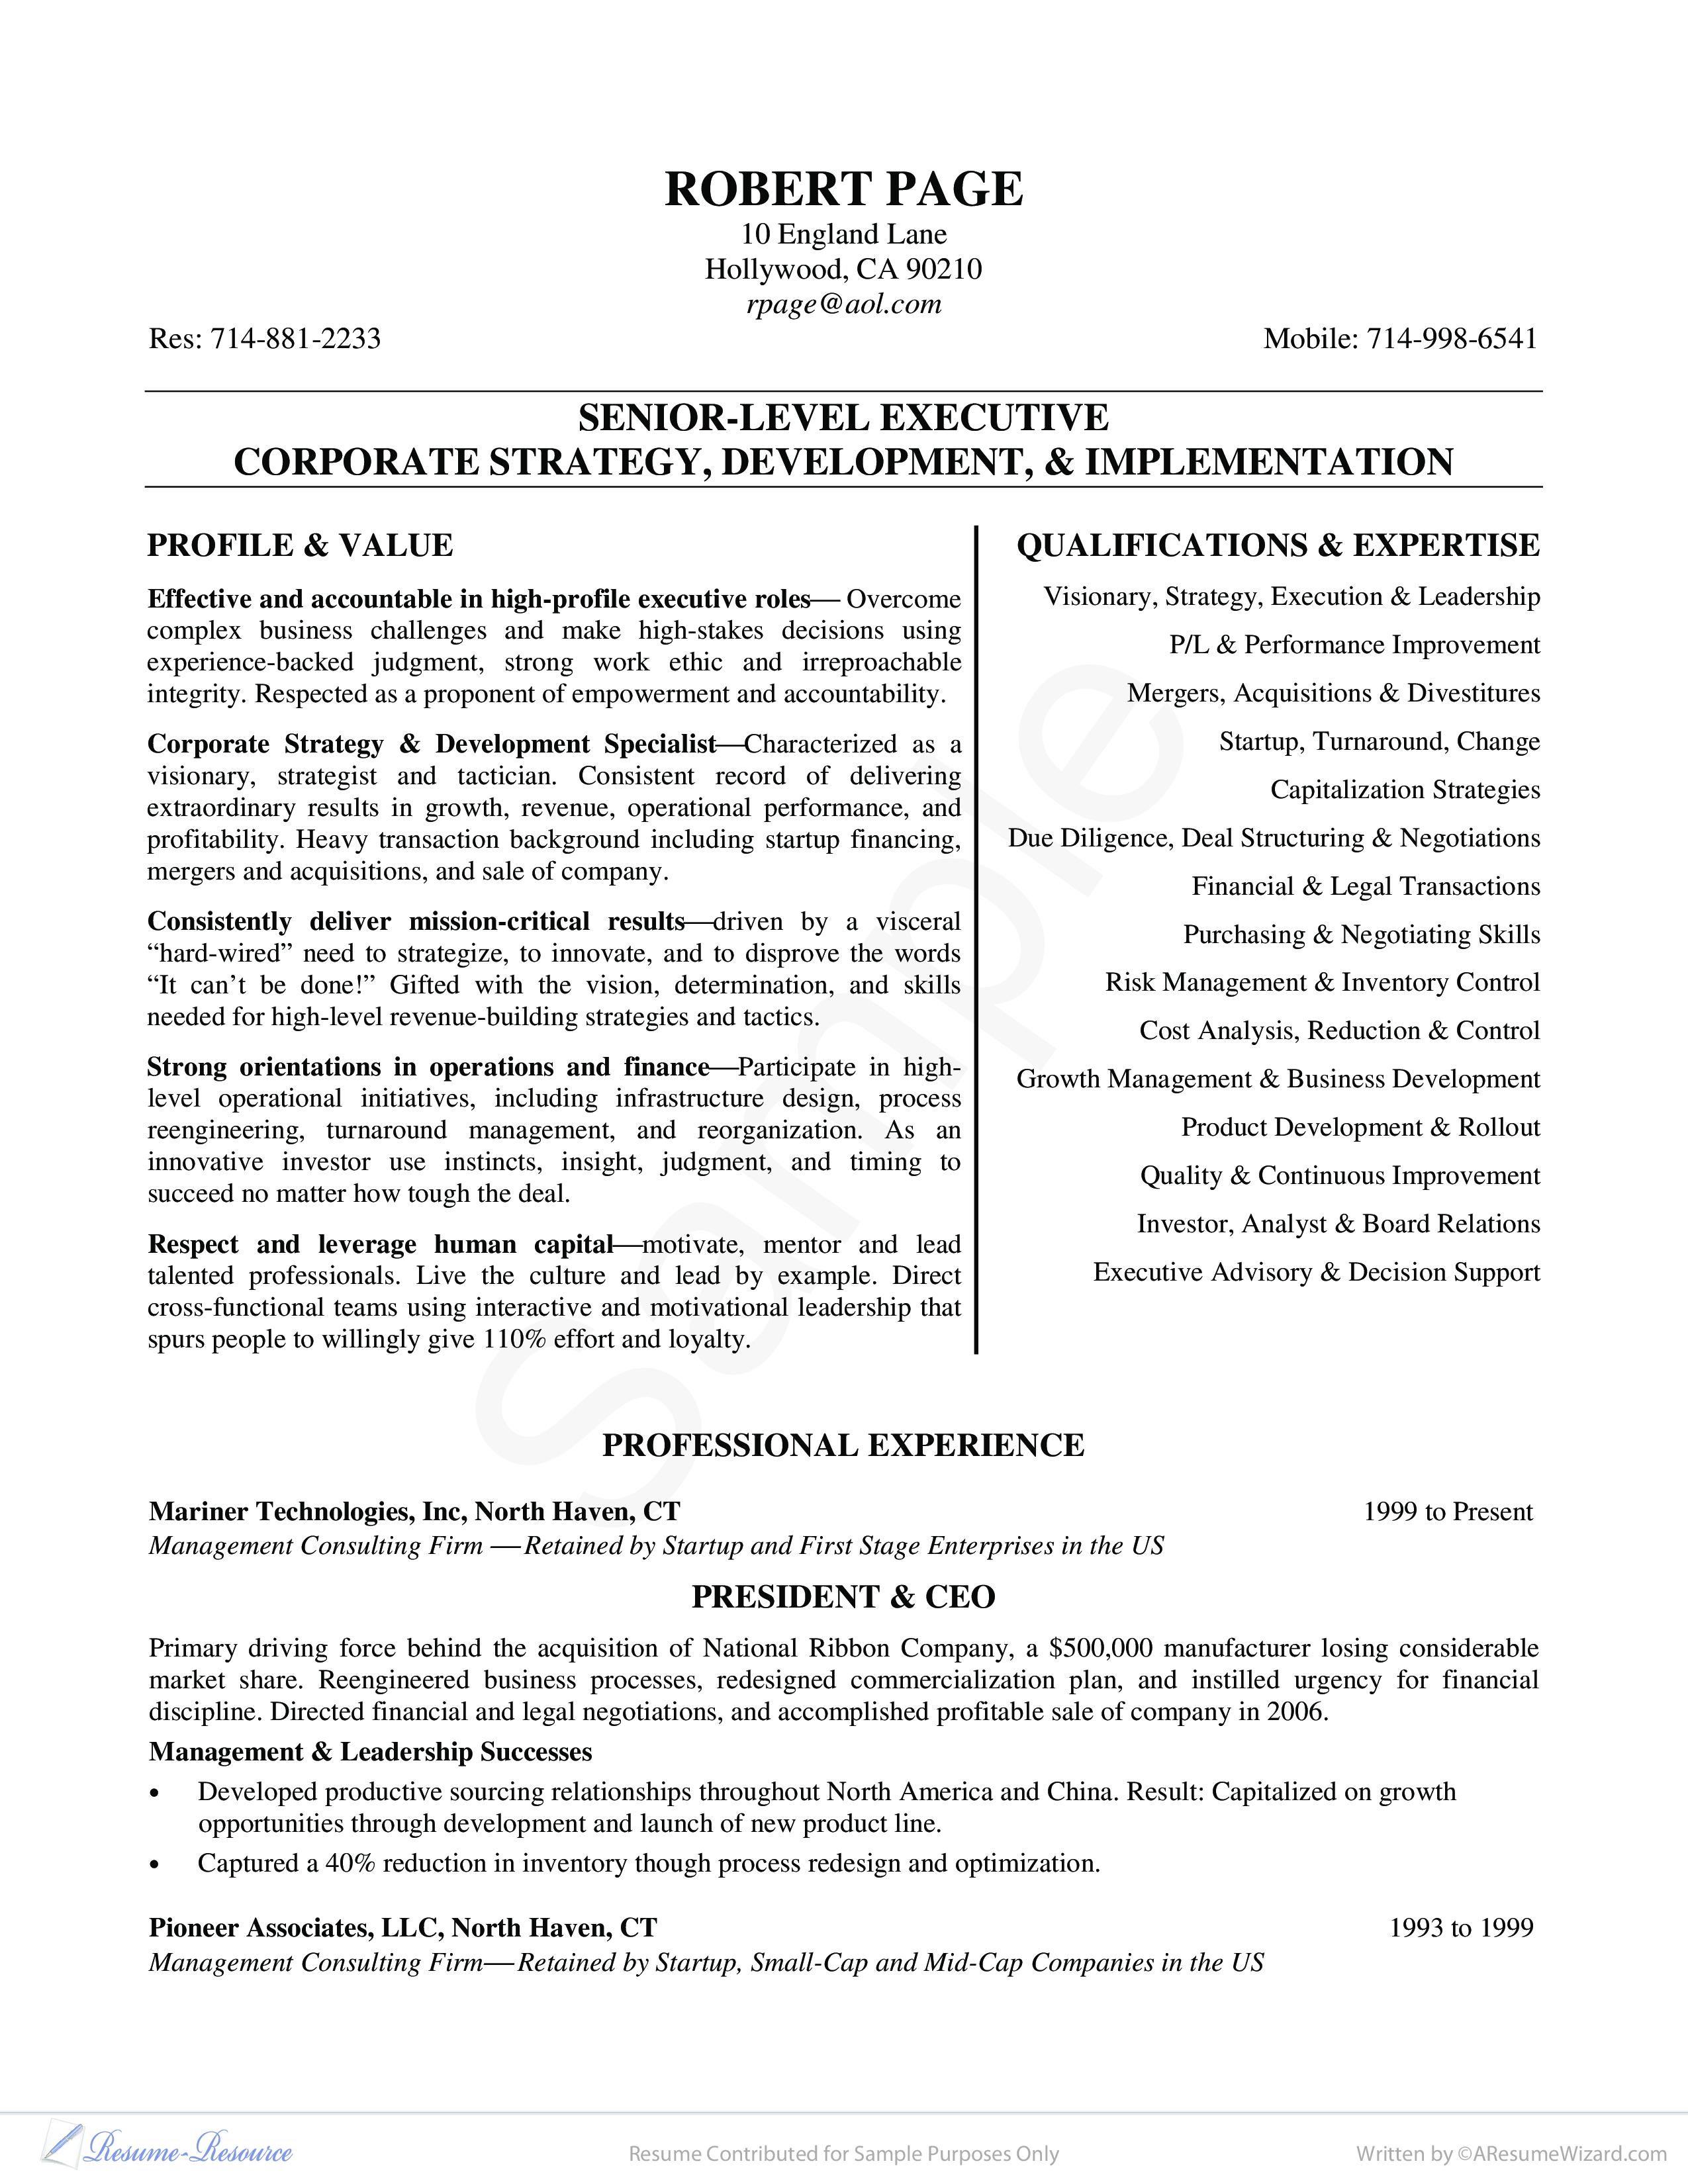 Free Senior-Level Executive Curriculum Vitae | Templates at ...